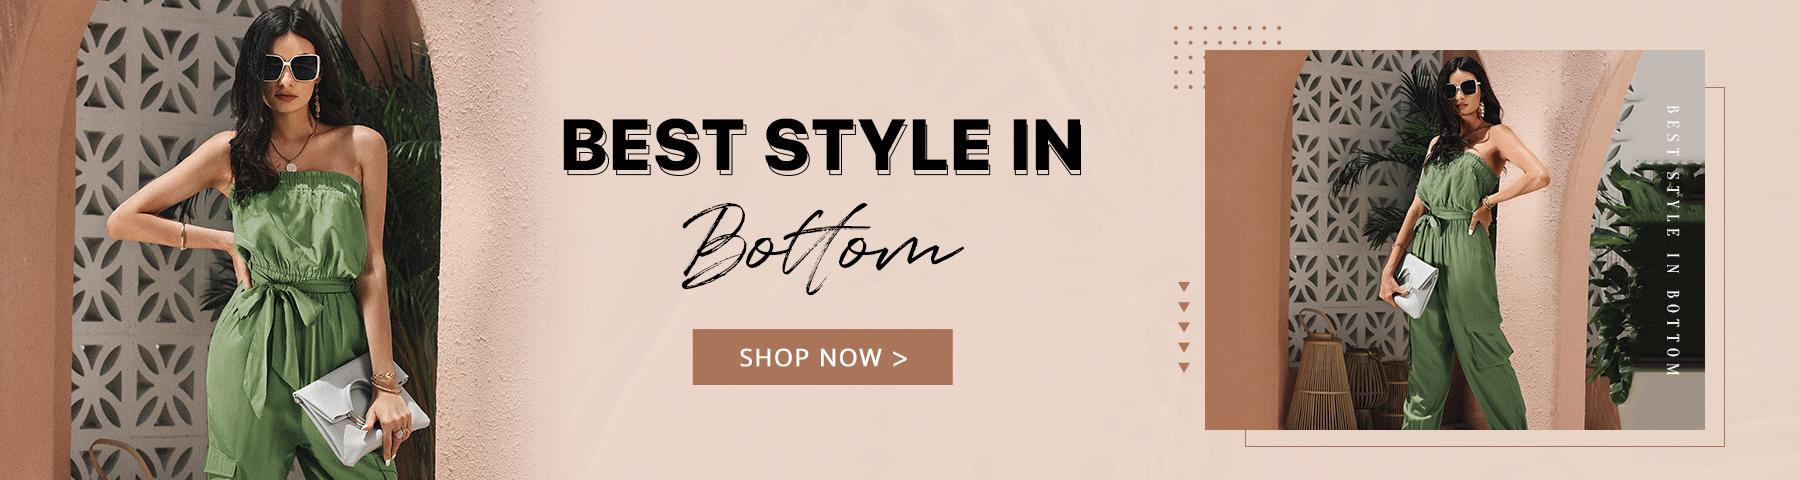 Best Style In Bottom